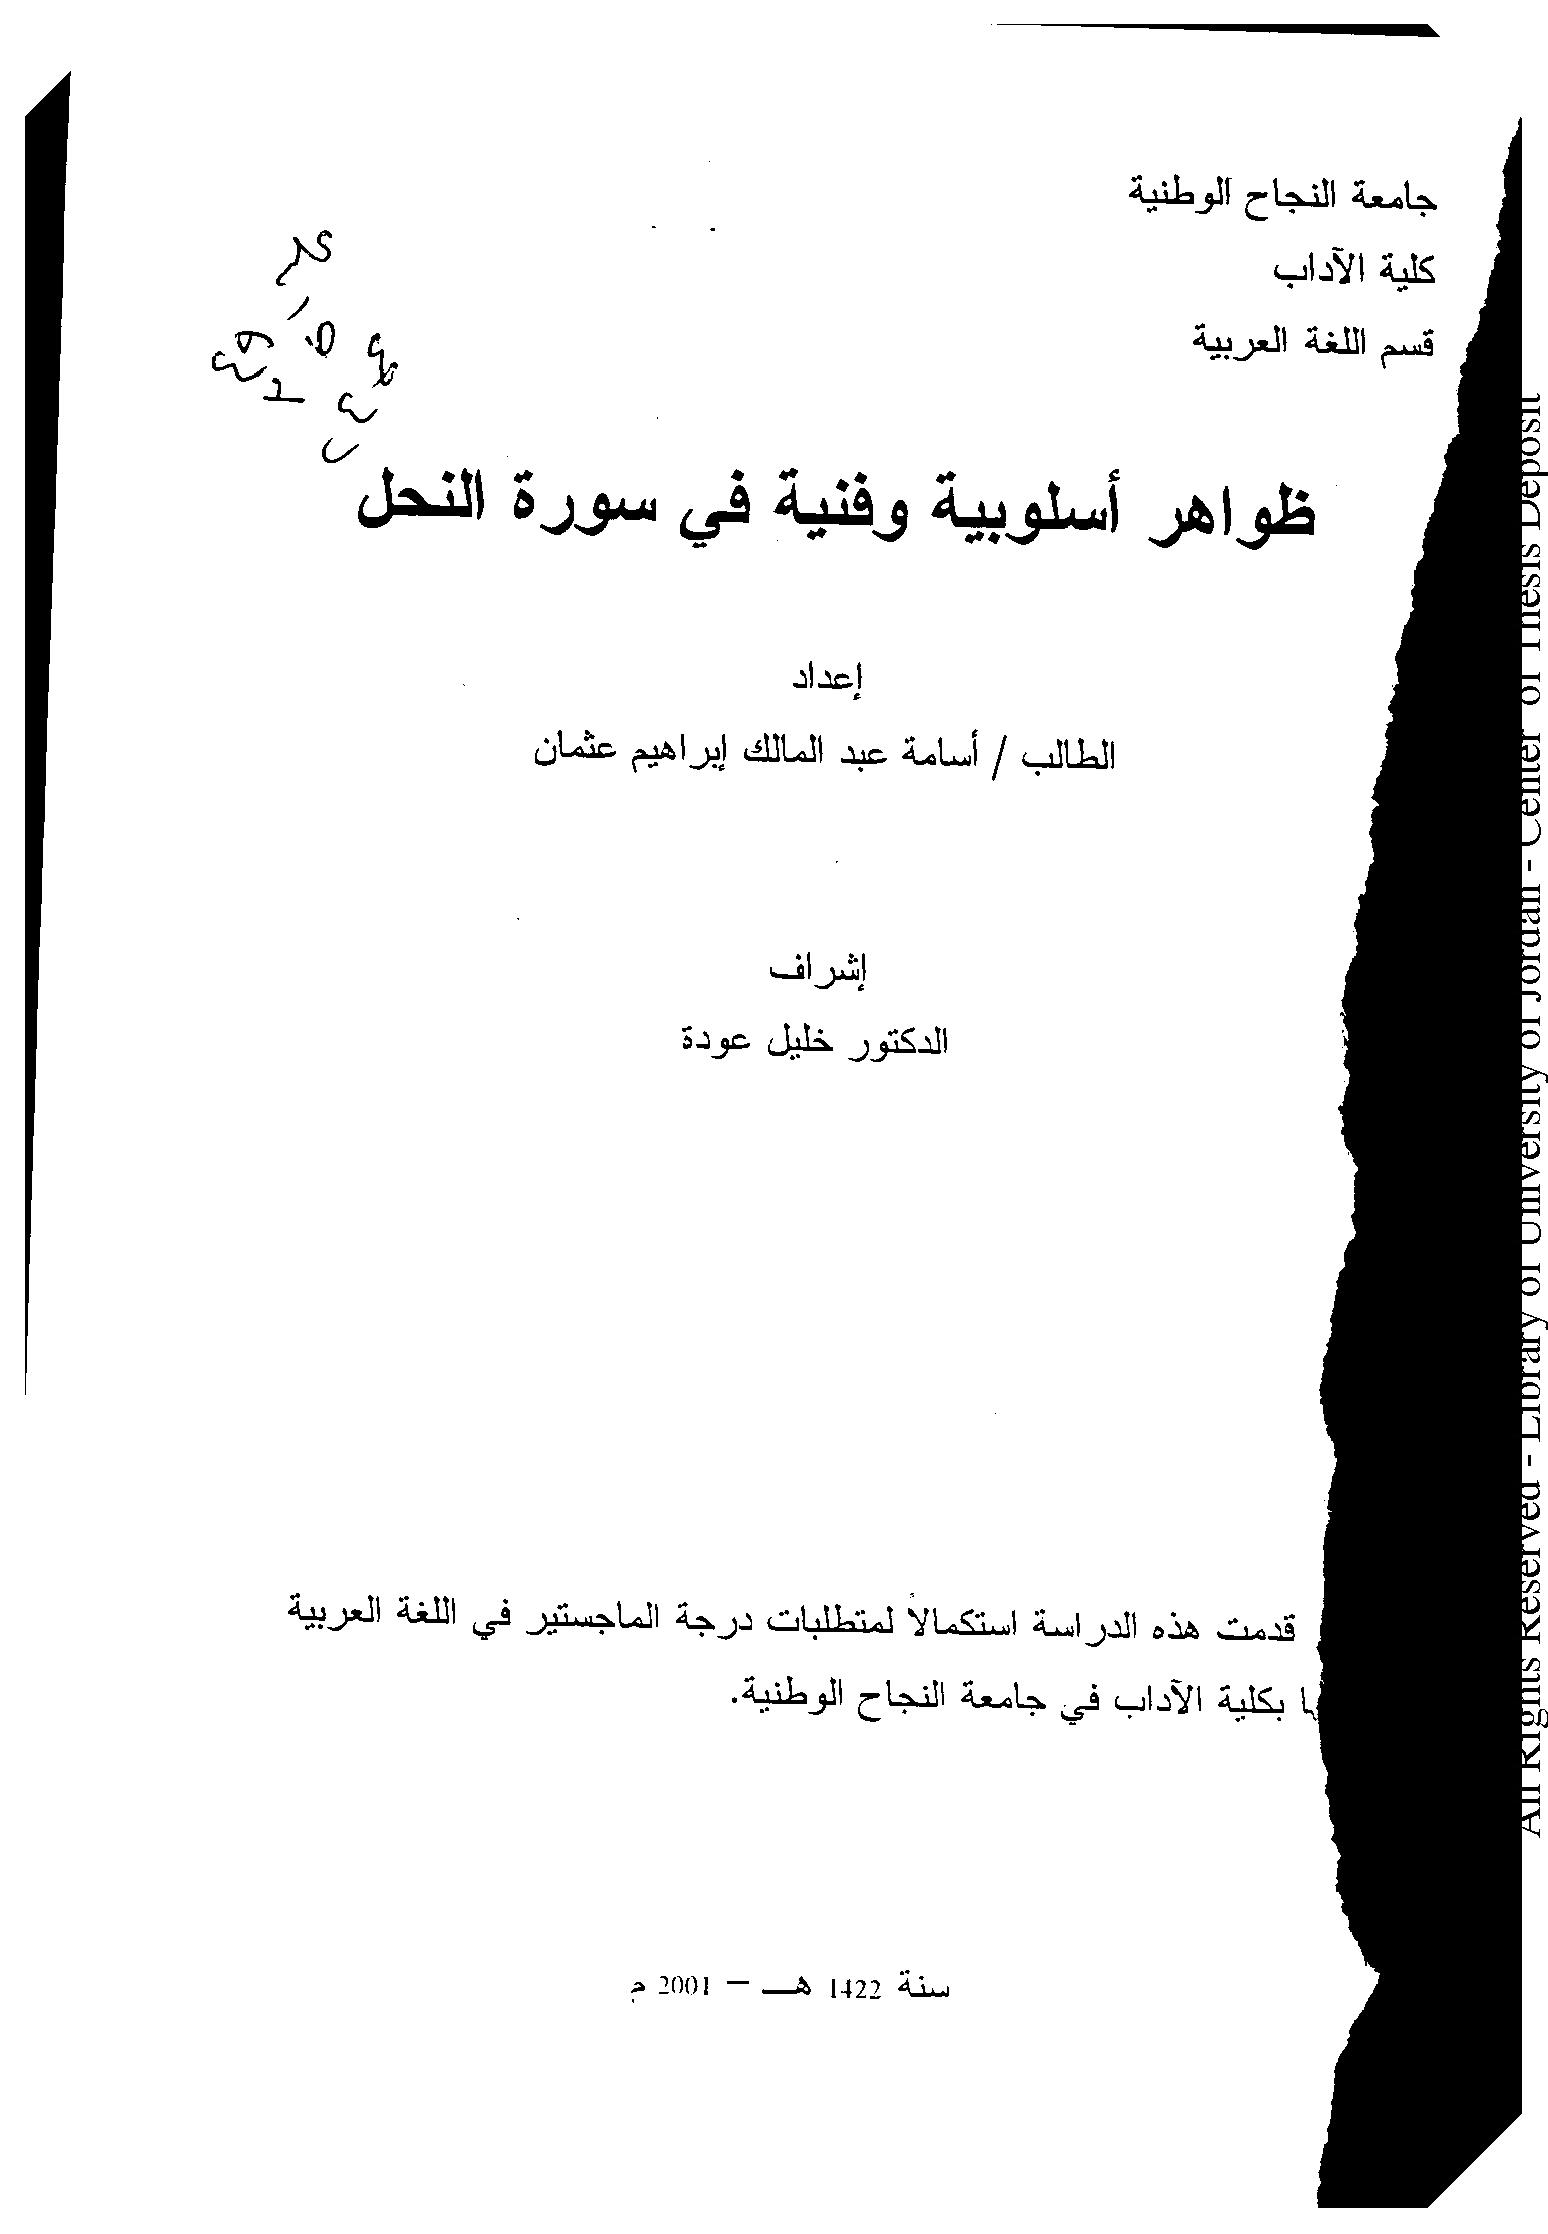 تحميل كتاب ظواهر أسلوبية وفنية في سورة النحل لـِ: الدكتور أسامة عبد المالك إبراهيم عثمان